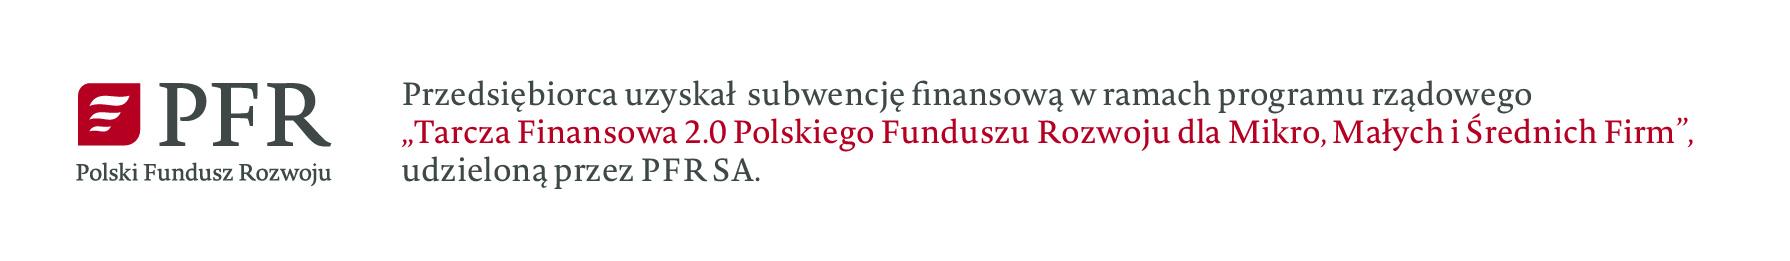 plansza_informacyjna_pfr_poziom[1].jpg